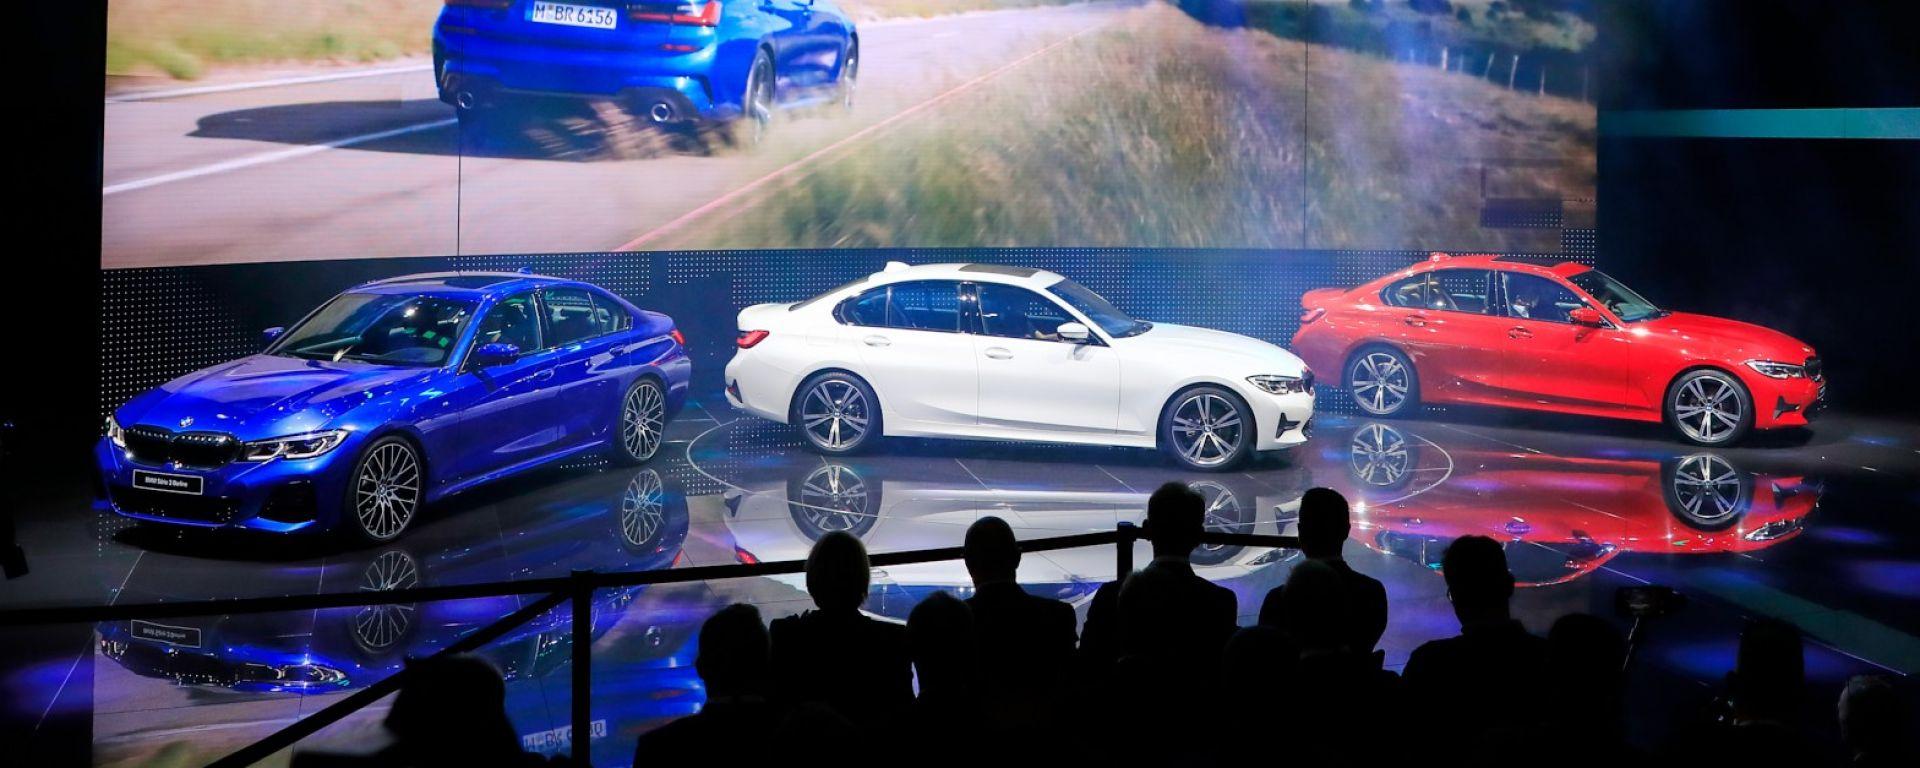 Salone di Parigi 2018: le info e le novità dalle Case auto